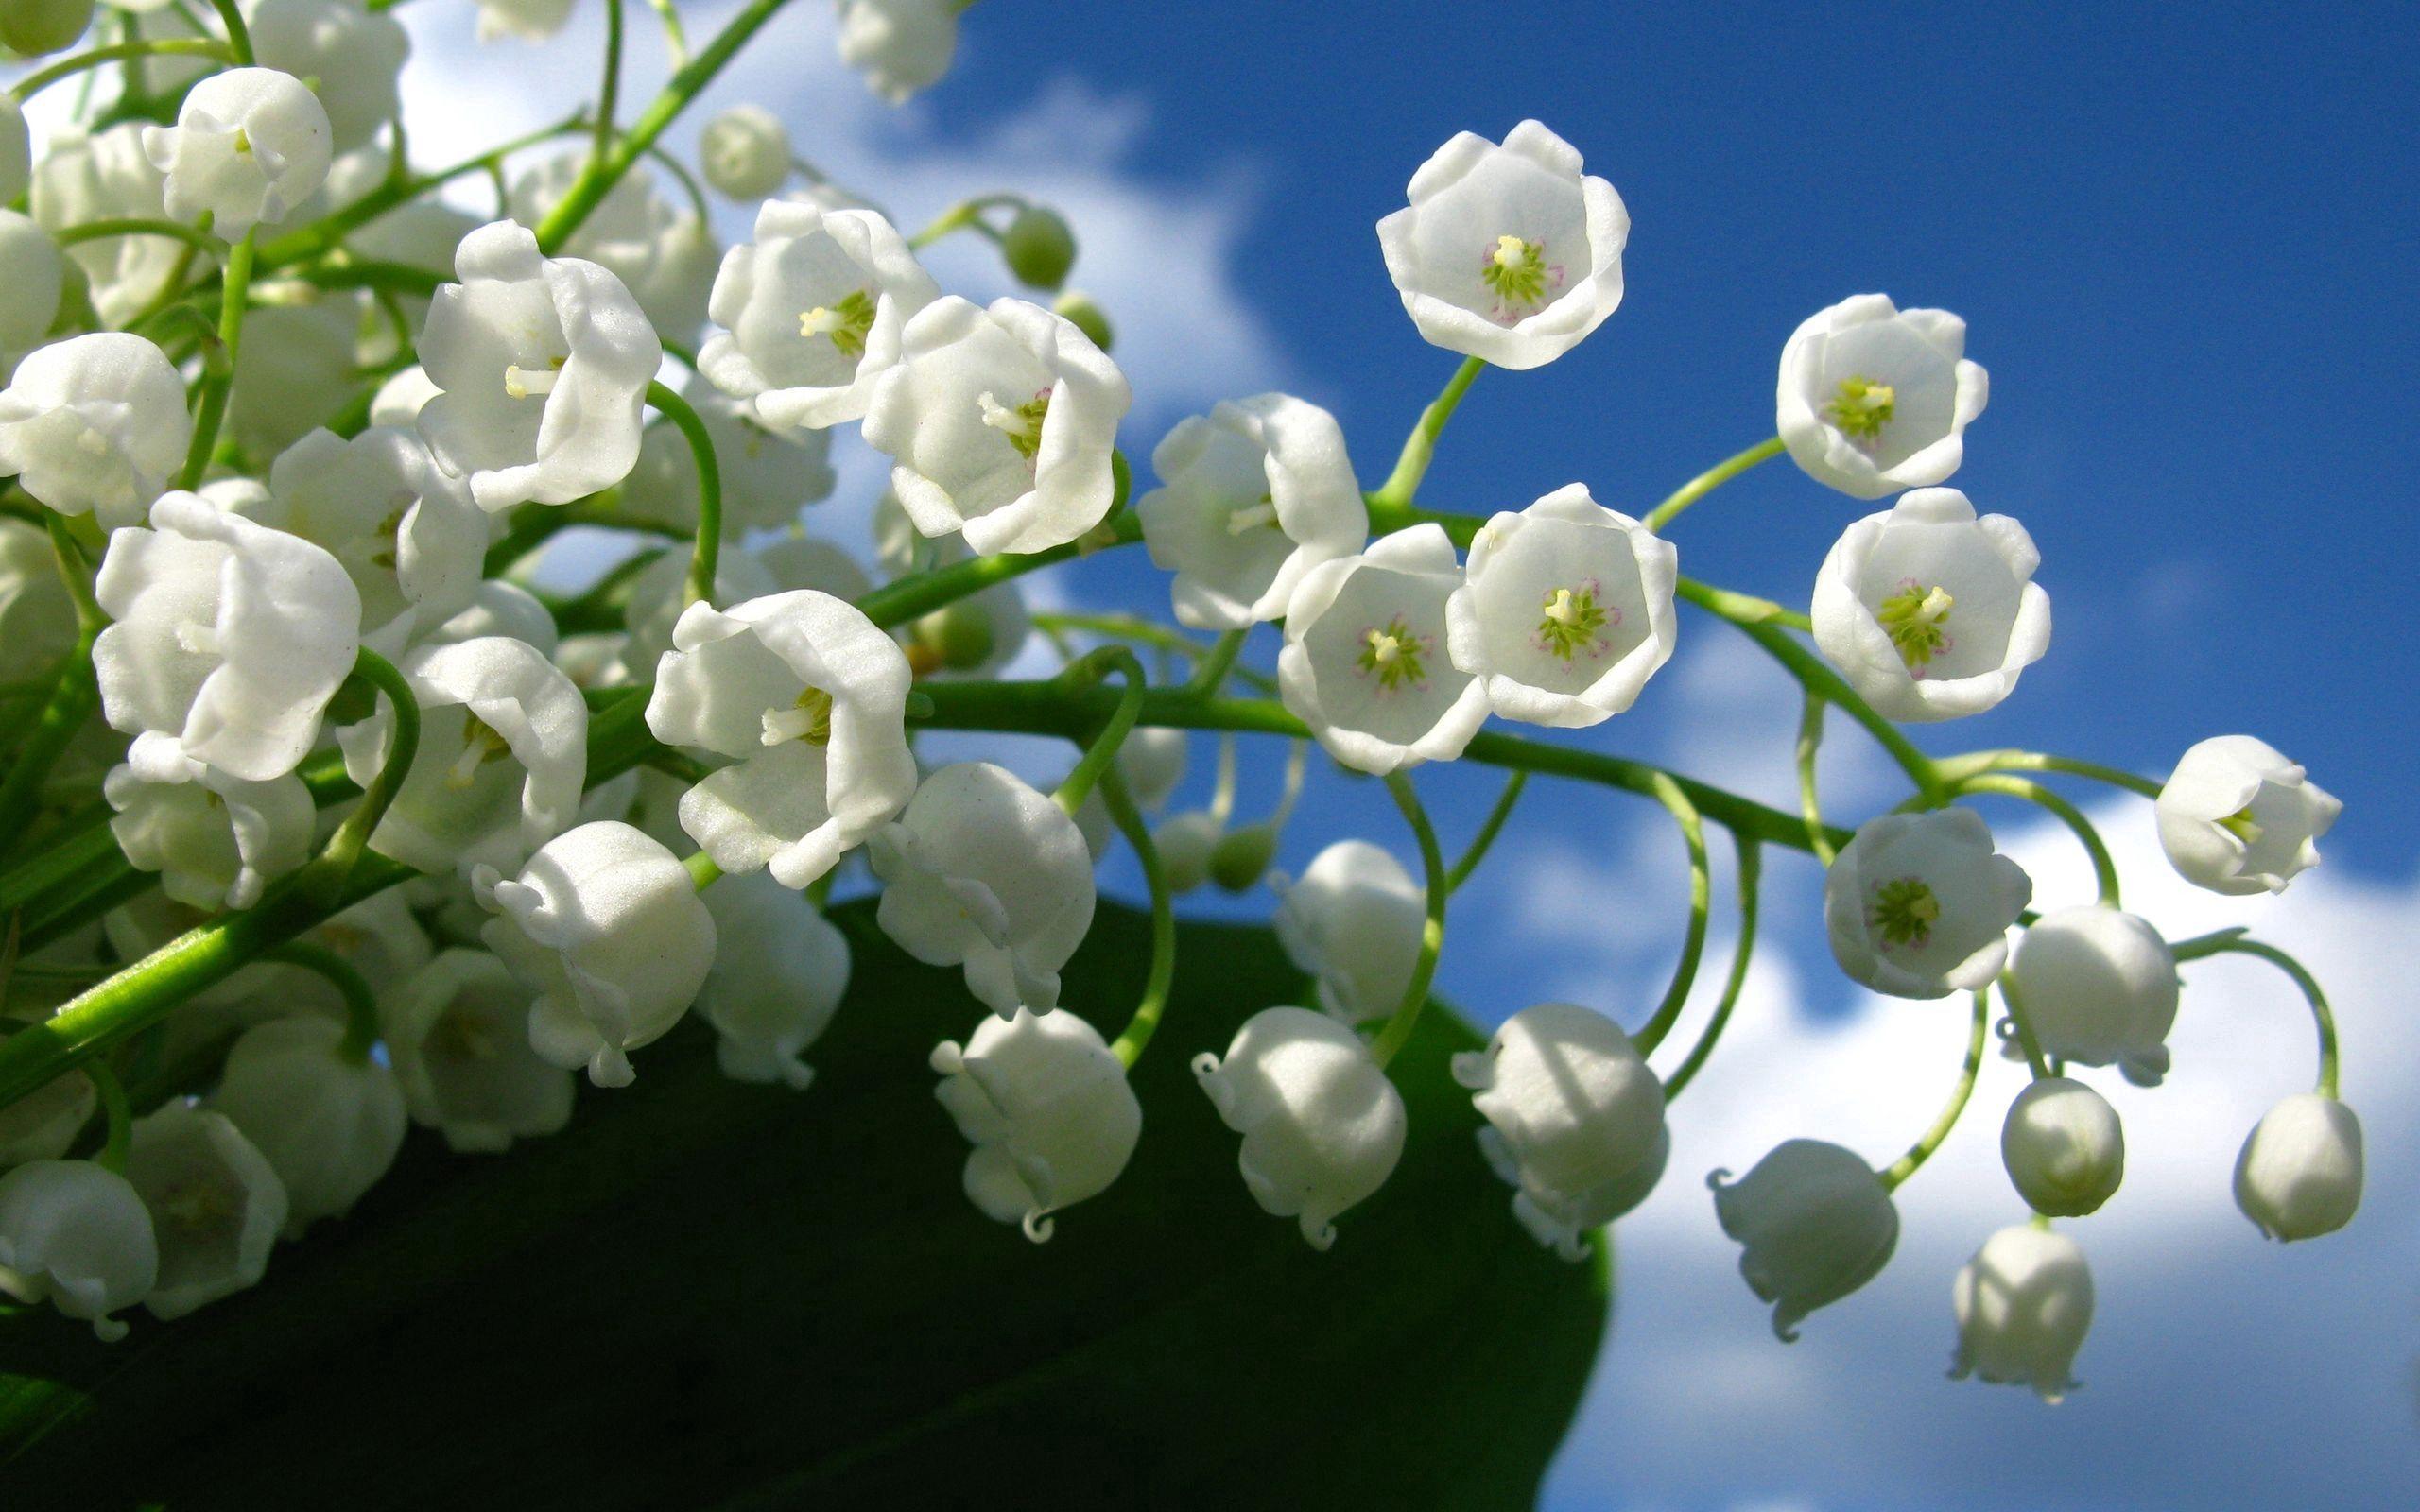 72007 Hintergrundbild herunterladen Blumen, Sky, Clouds, Glockenblumen, Maiglöckchen, Grüne, Grünen - Bildschirmschoner und Bilder kostenlos